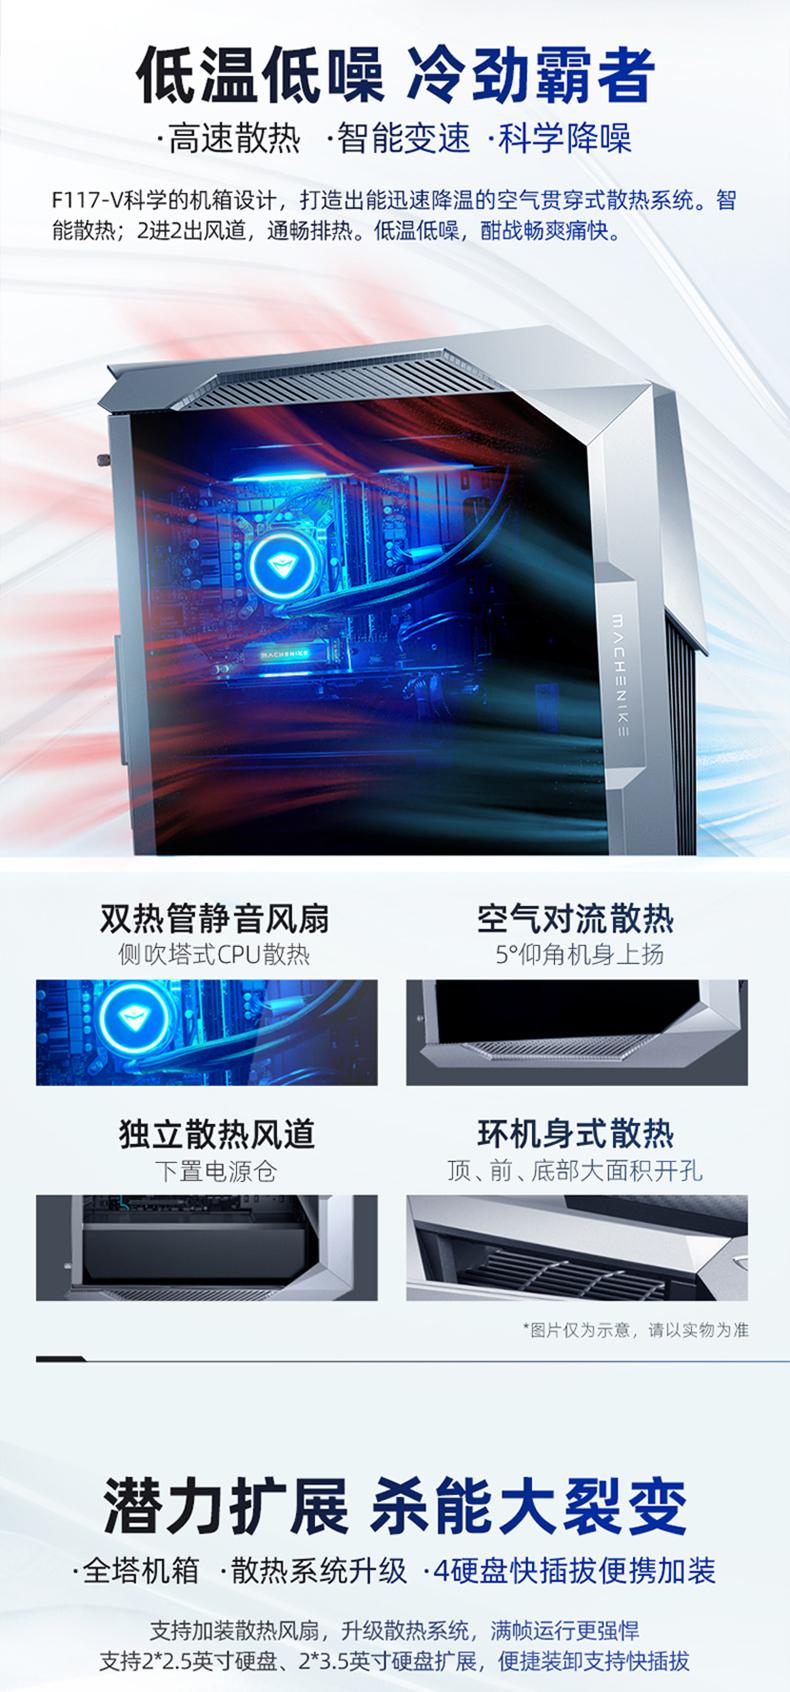 机械师未来战舰F117-V 游戏台式机 十代i5-10400处理器,GTX1660 Super独显,8G内存,256G PCIE固态+1Tb硬盘,高性能游戏台式机【3年质保】【赠鼠标】